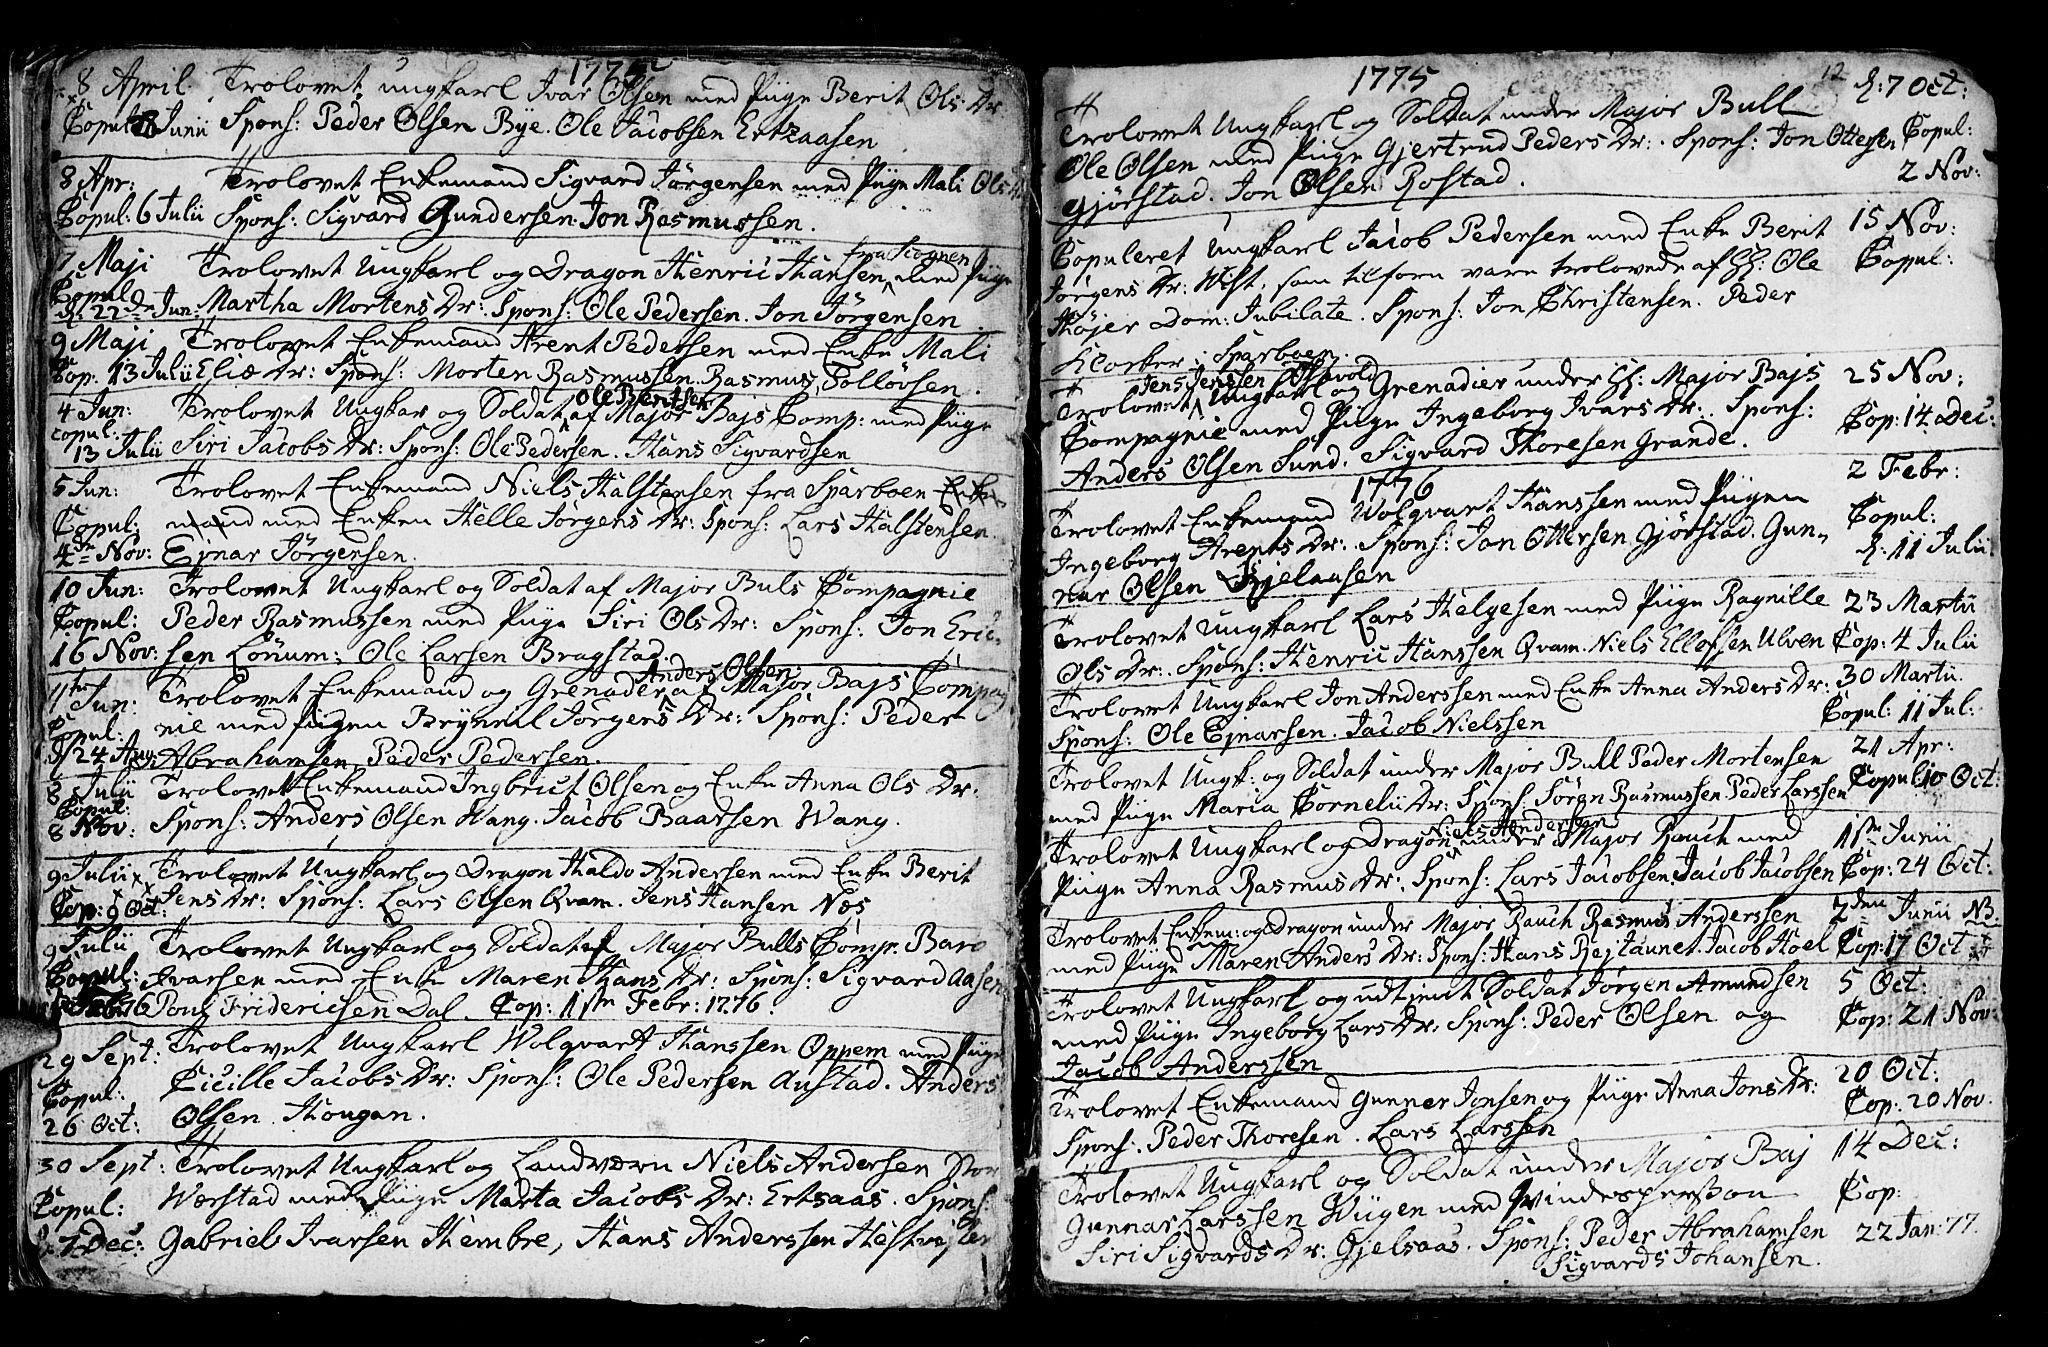 SAT, Ministerialprotokoller, klokkerbøker og fødselsregistre - Nord-Trøndelag, 730/L0273: Ministerialbok nr. 730A02, 1762-1802, s. 12